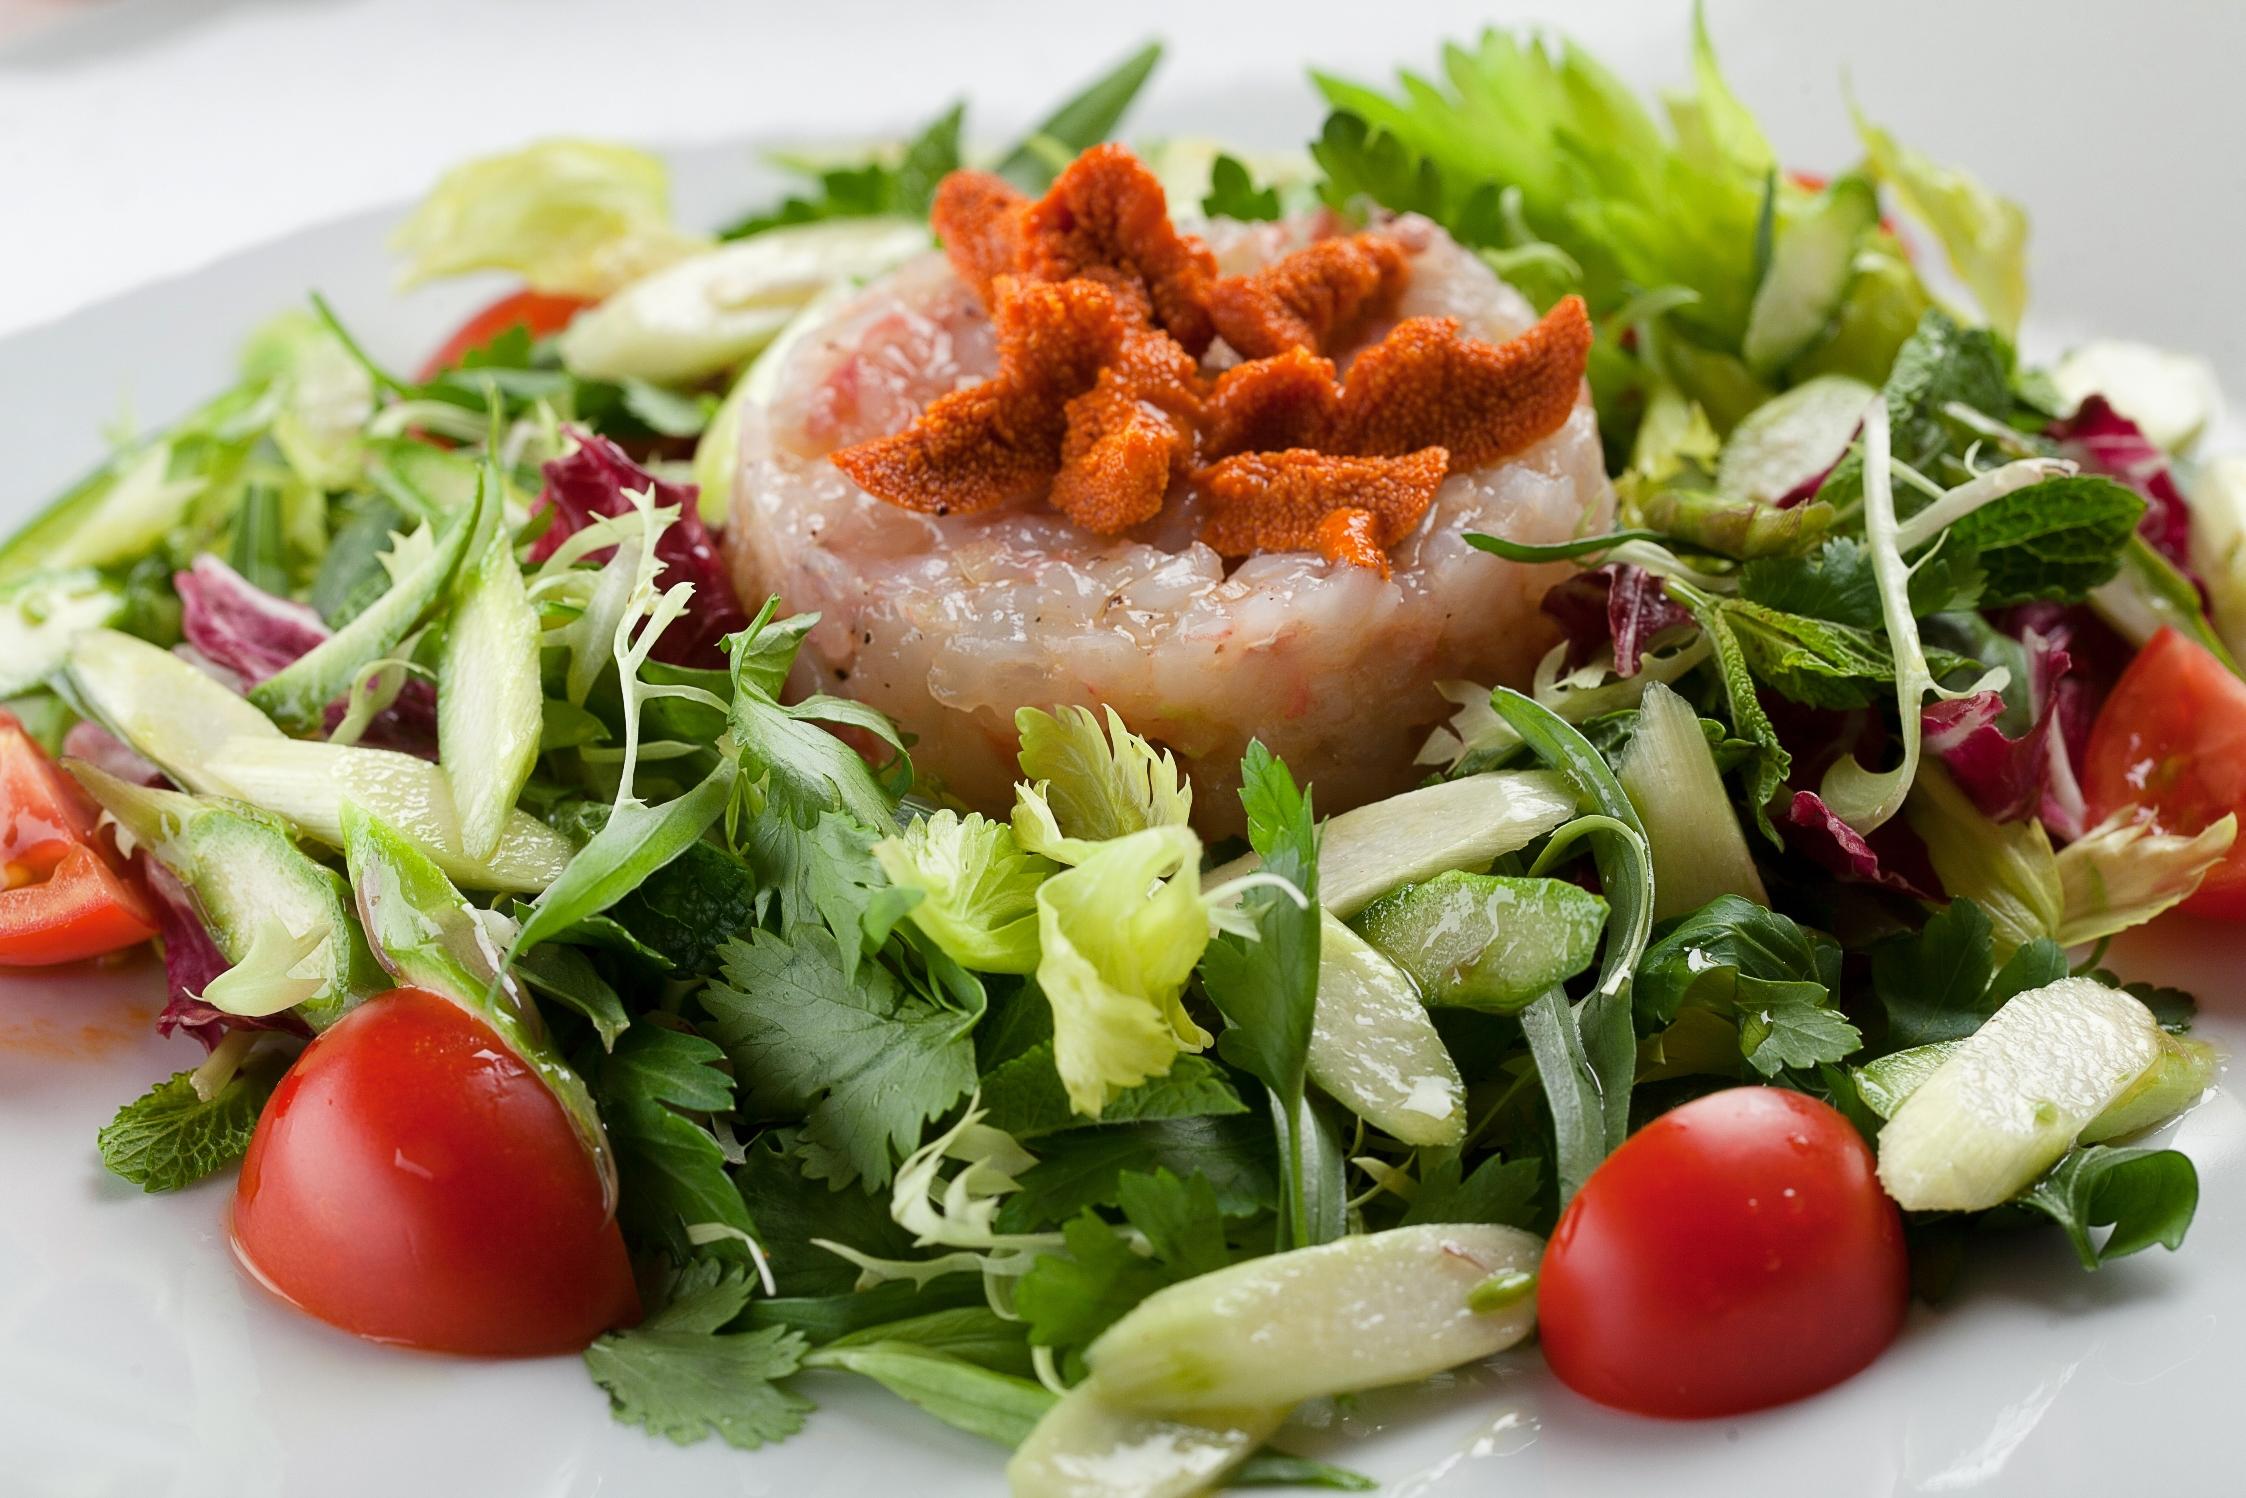 Ресторан La Marée - тартар из Лакедры с икрой морского ежа